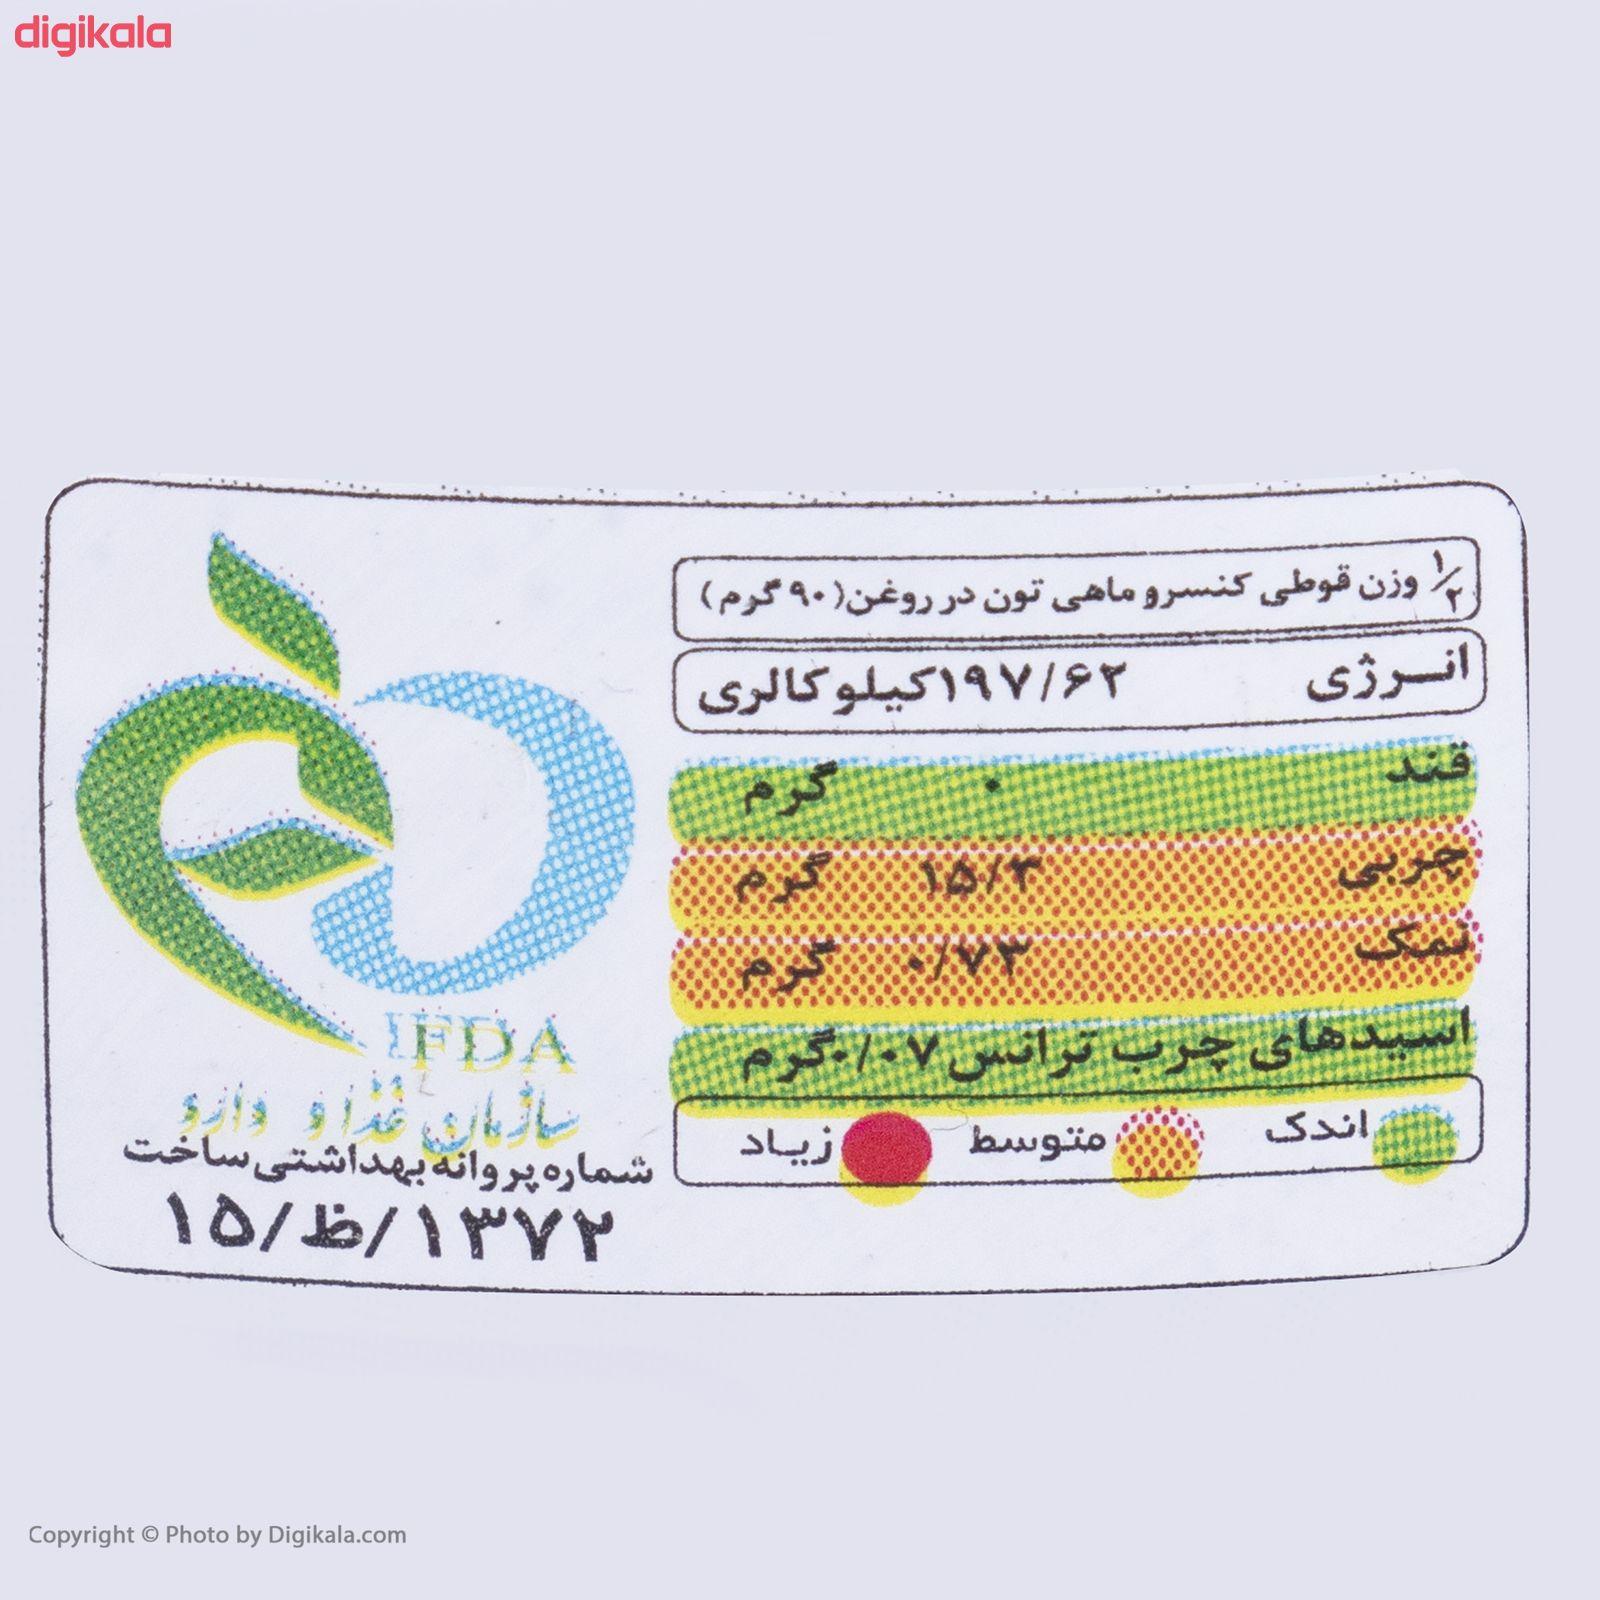 کنسرو ماهی تون در روغن گیاهی بیژن - 180 گرم main 1 4